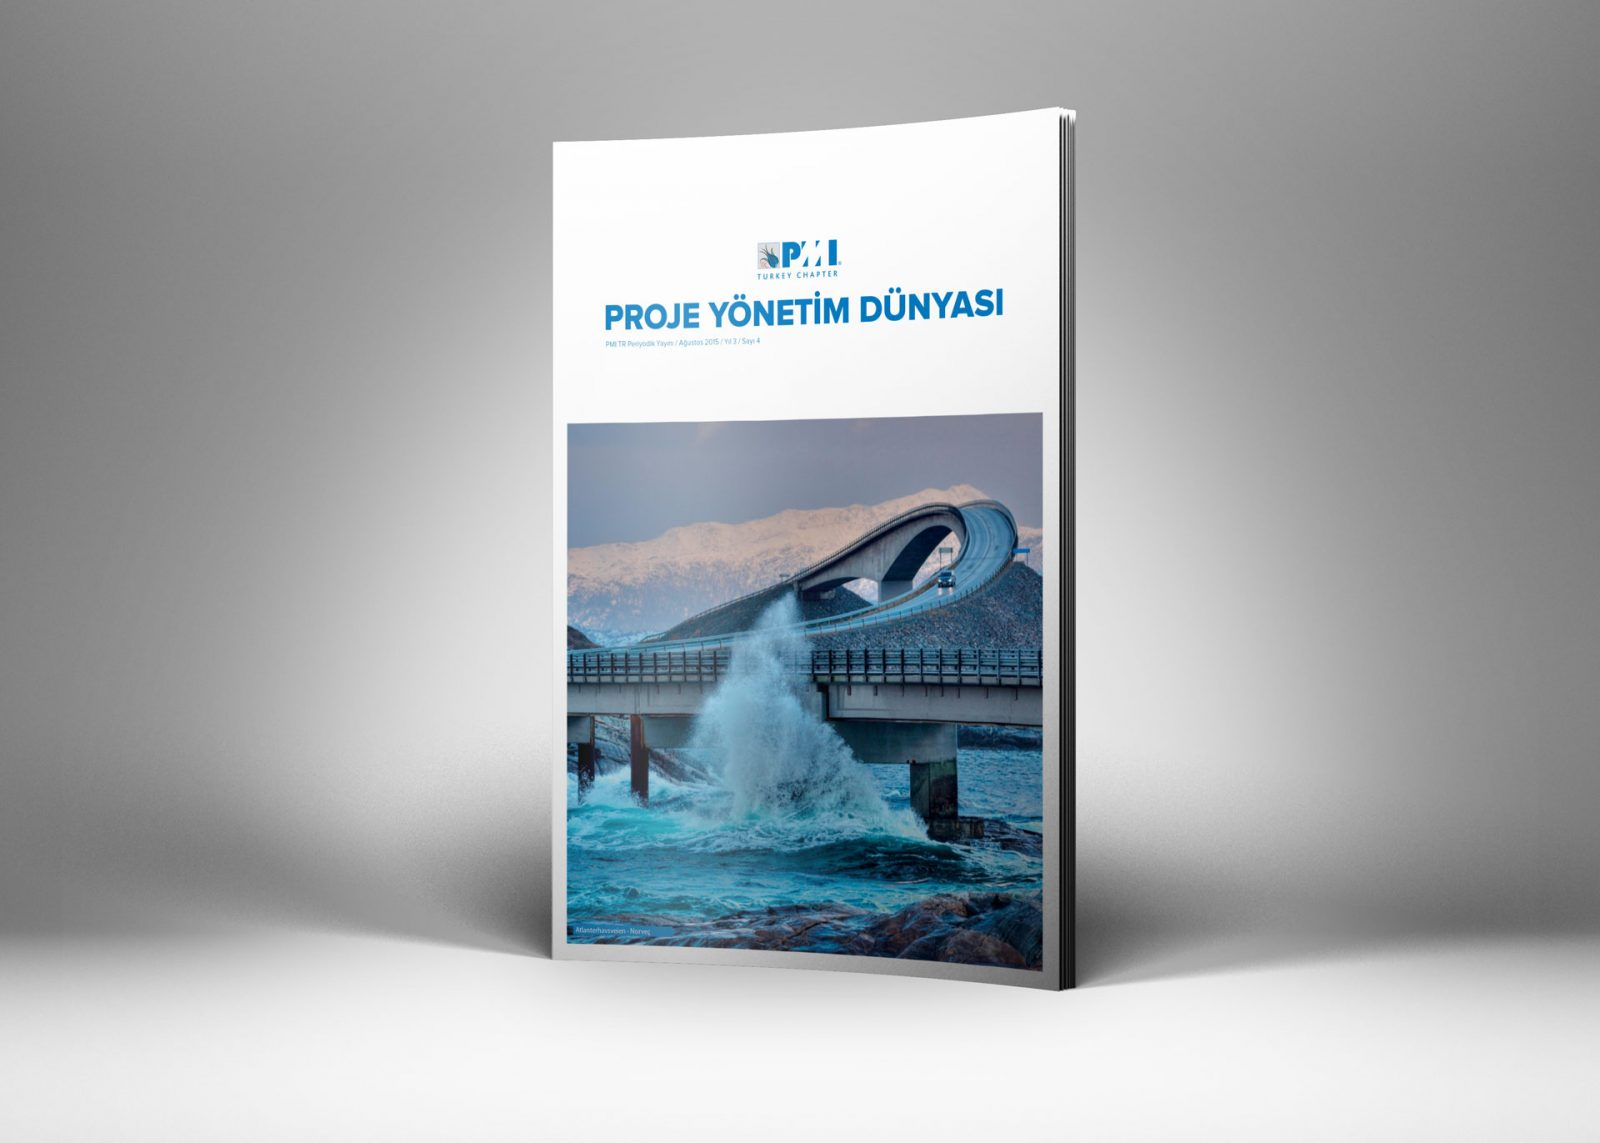 pmi tr dergi tasarımı sayı 4